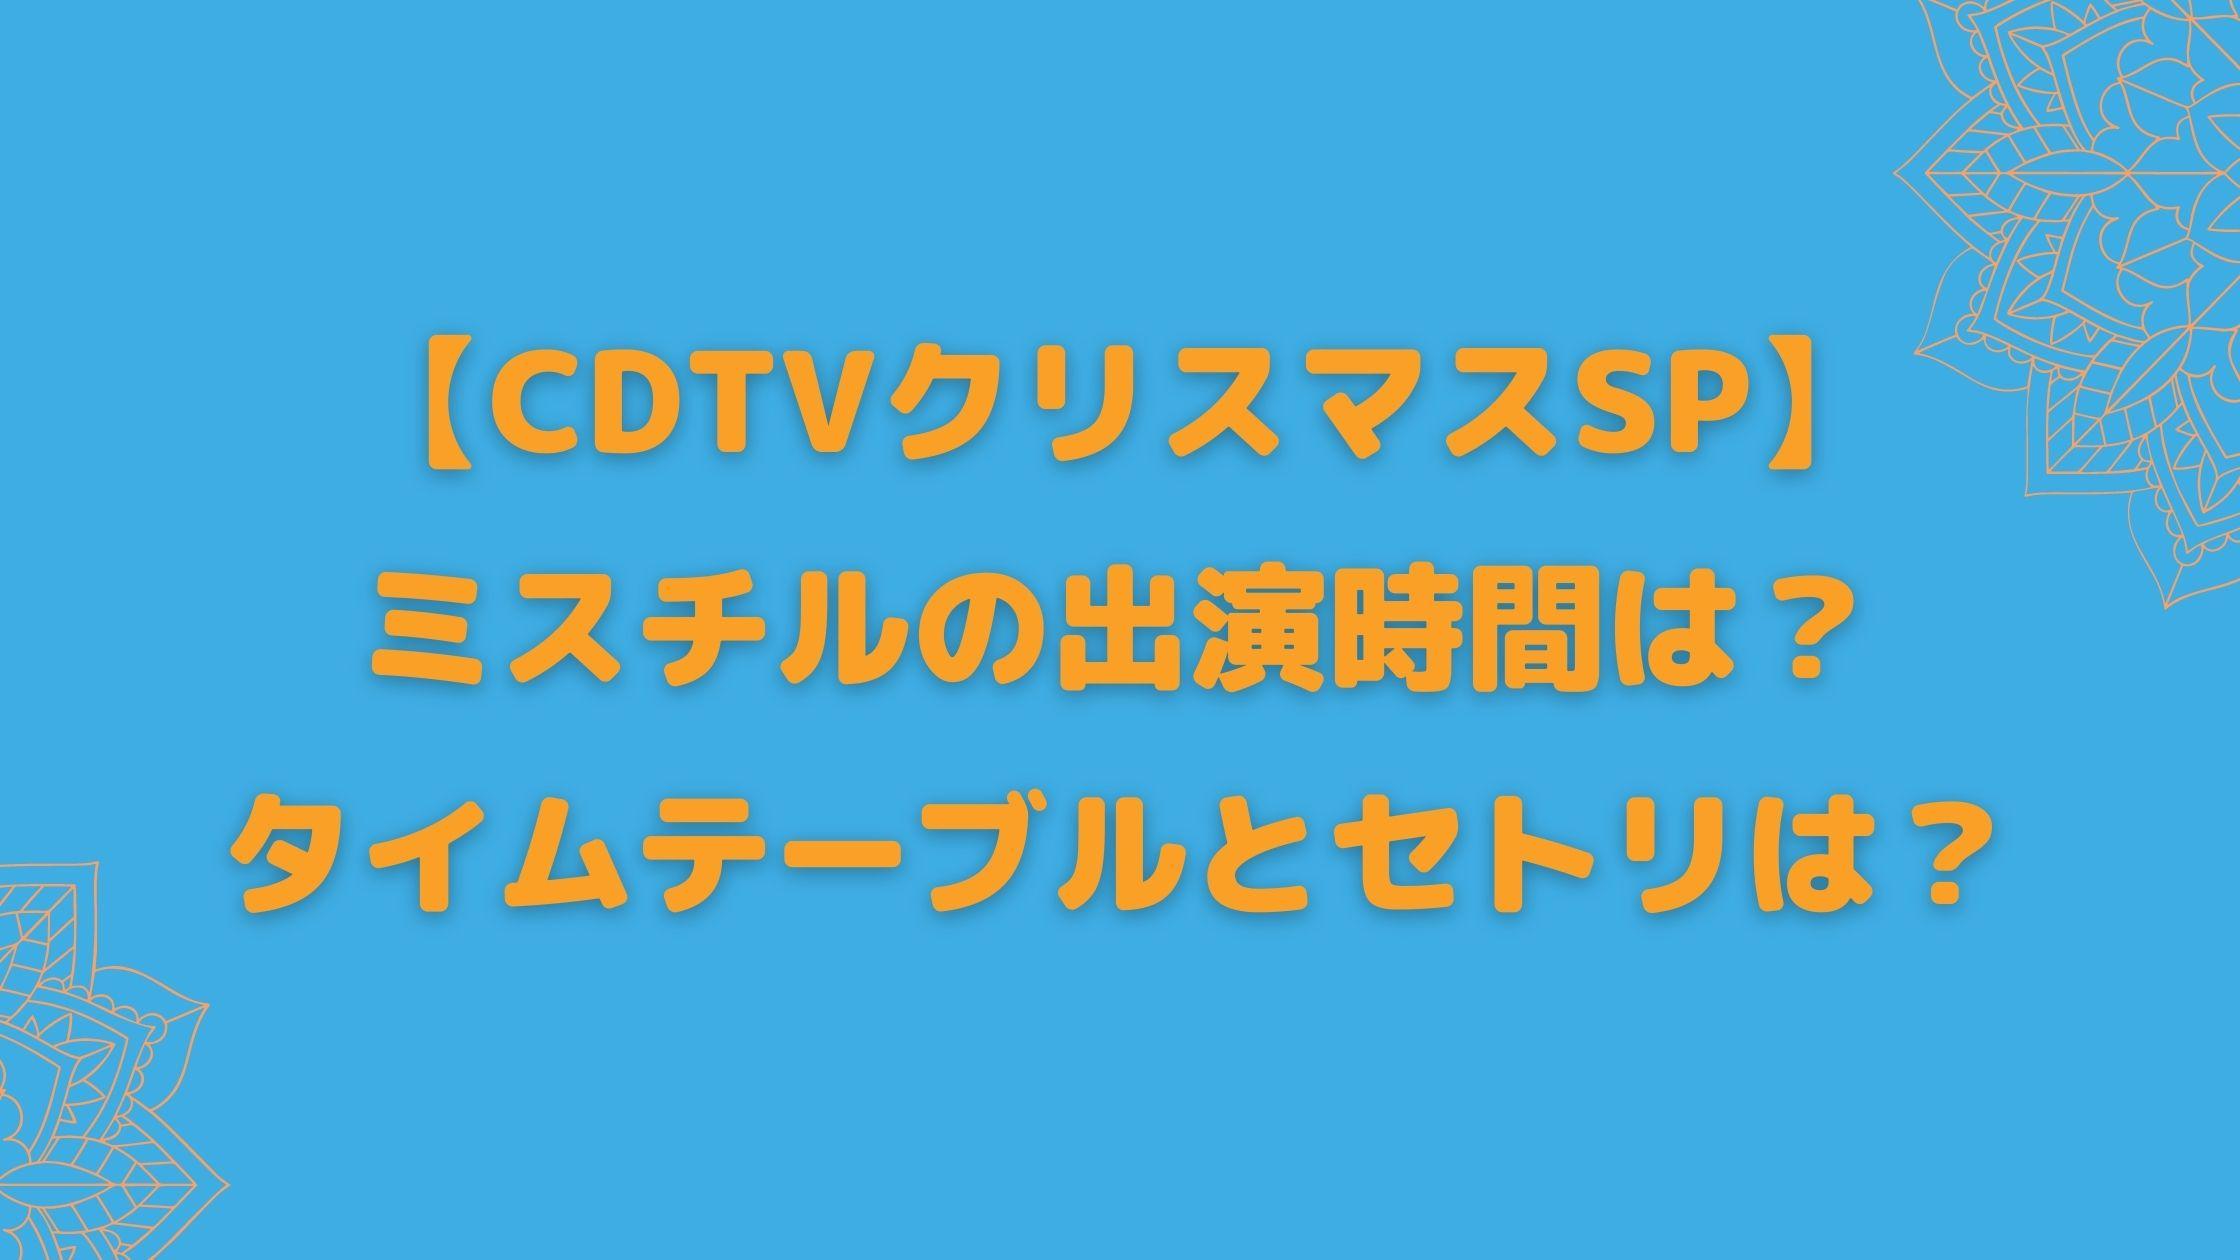 ライブ ライブ 順番 カウントダウン tv